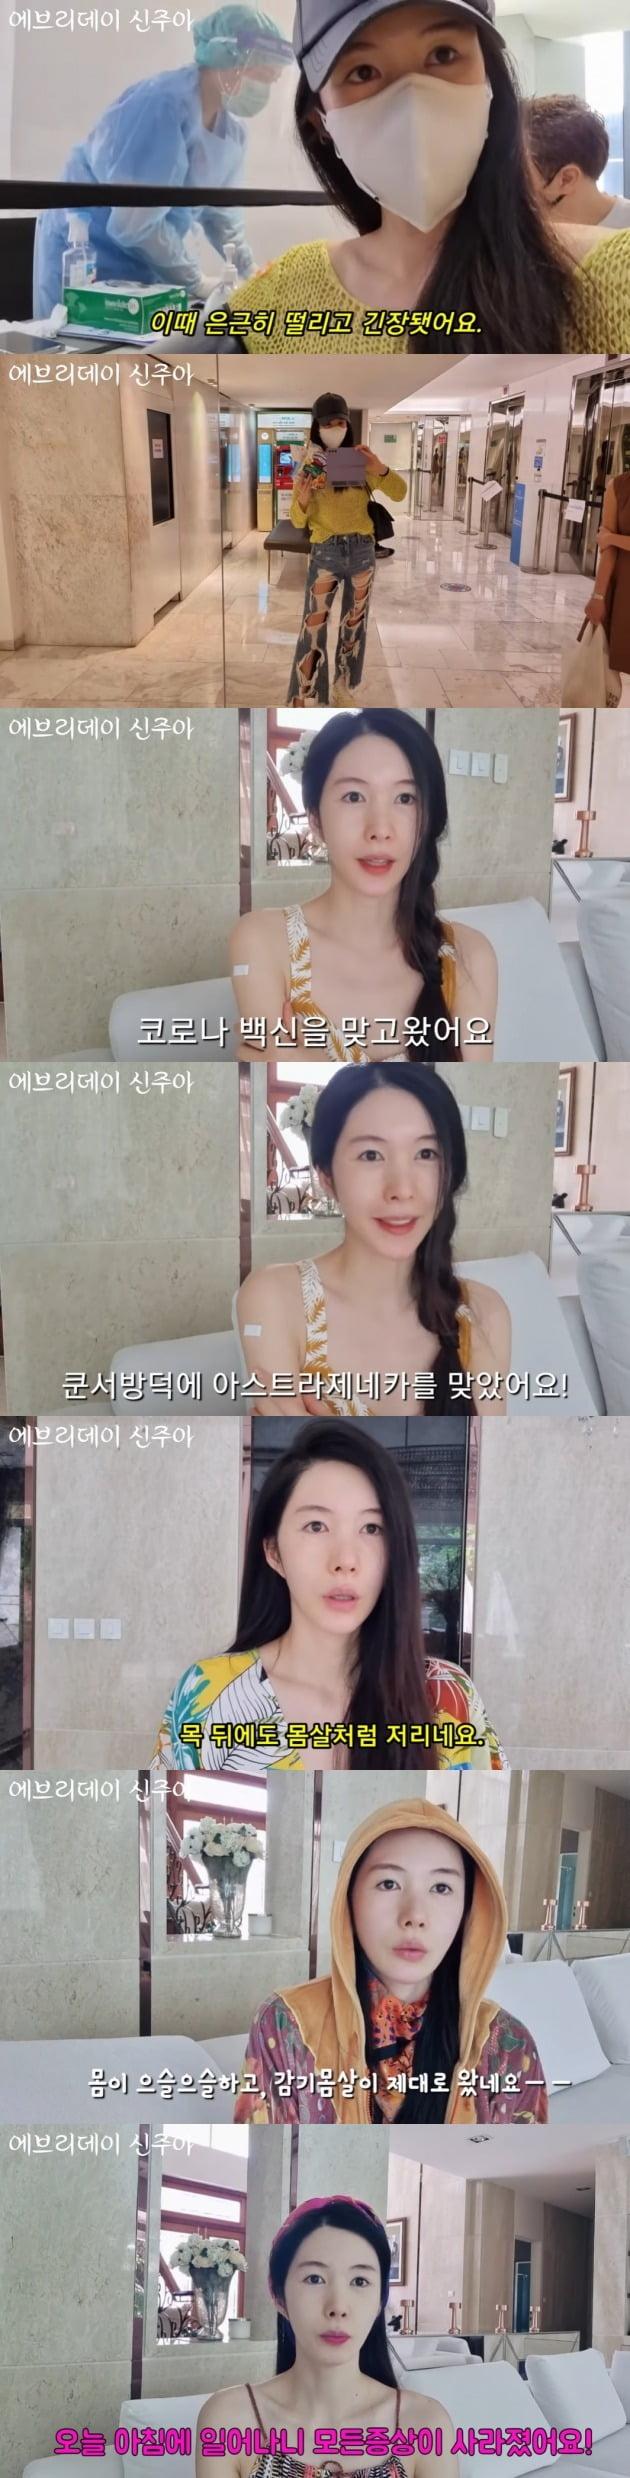 사진=신주아 유튜브 채널 캡처